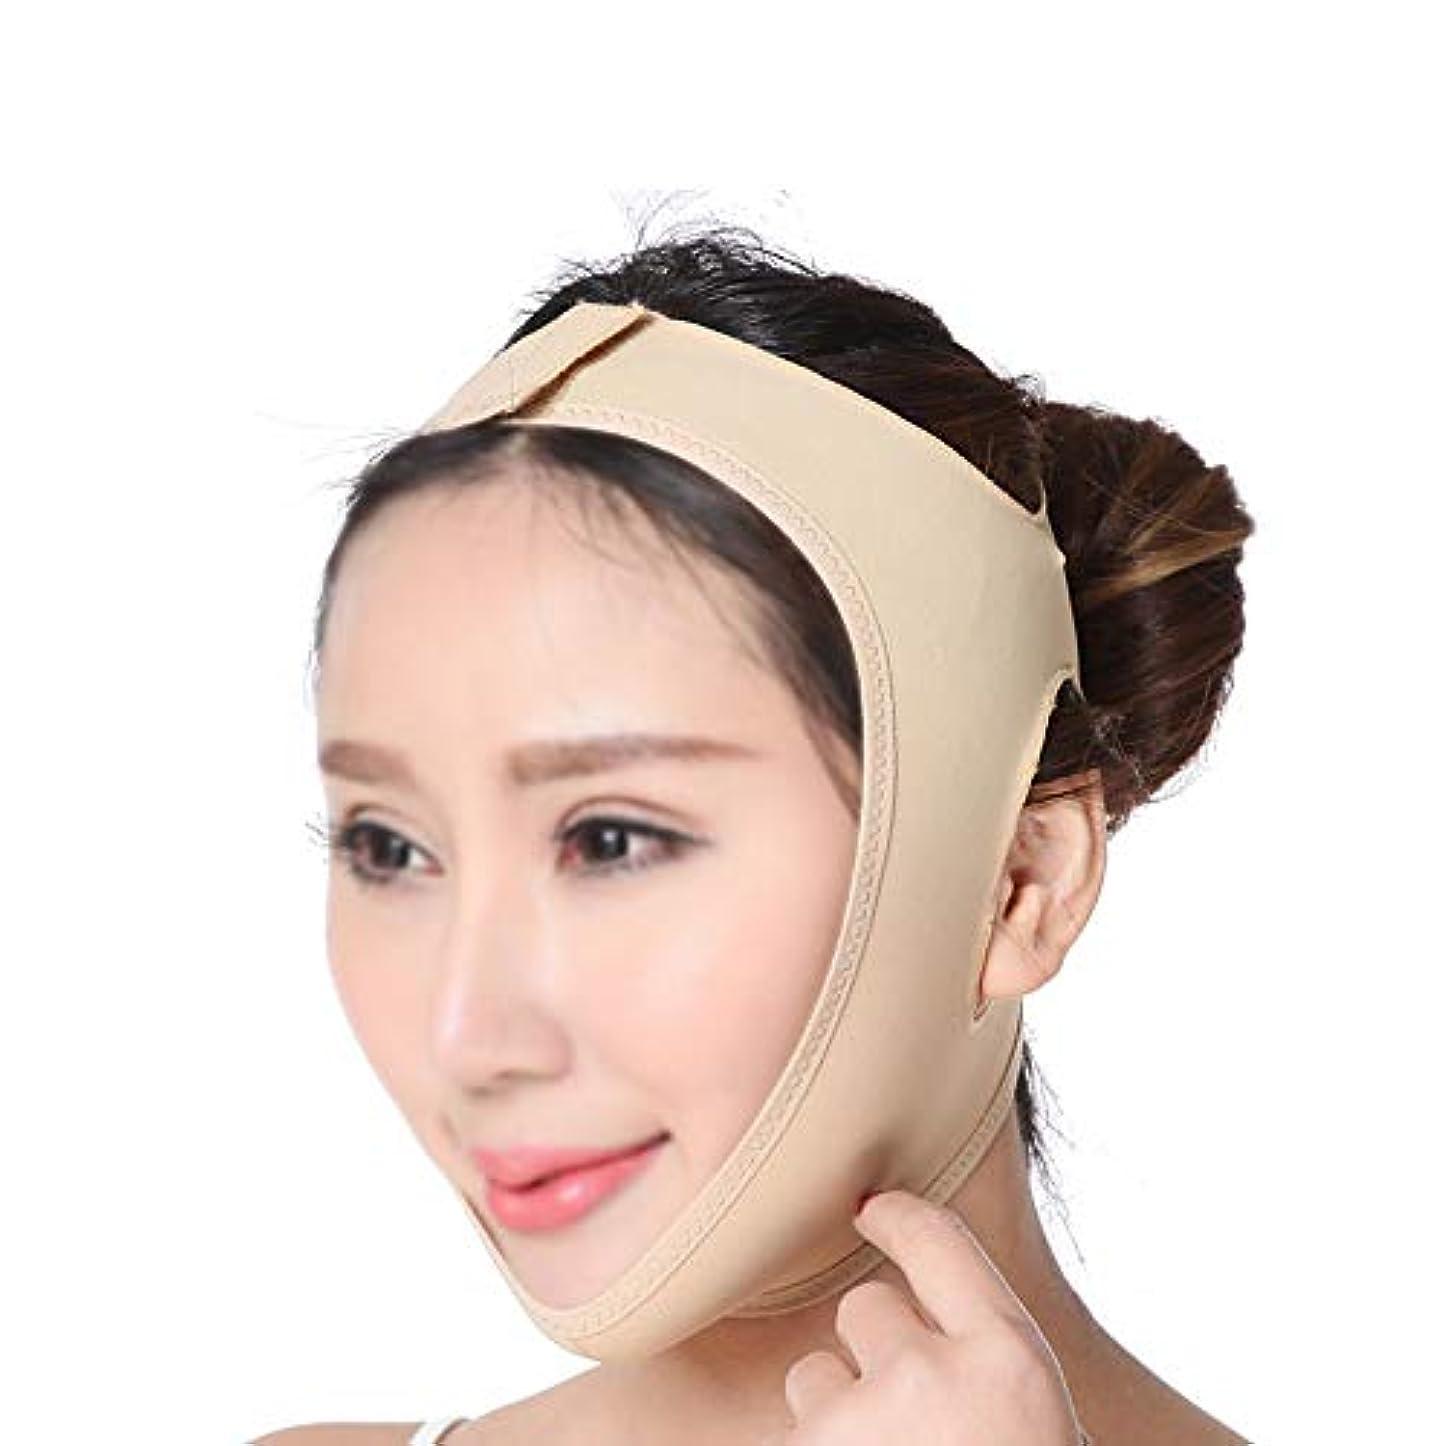 ウェイトレスドラムオリエンタルTLMY V字型の顔の包帯のマスクを作成するために二重あごの顔の持ち上がる引き締めモードを細くする薄い顔の包帯の薄い顔 顔用整形マスク